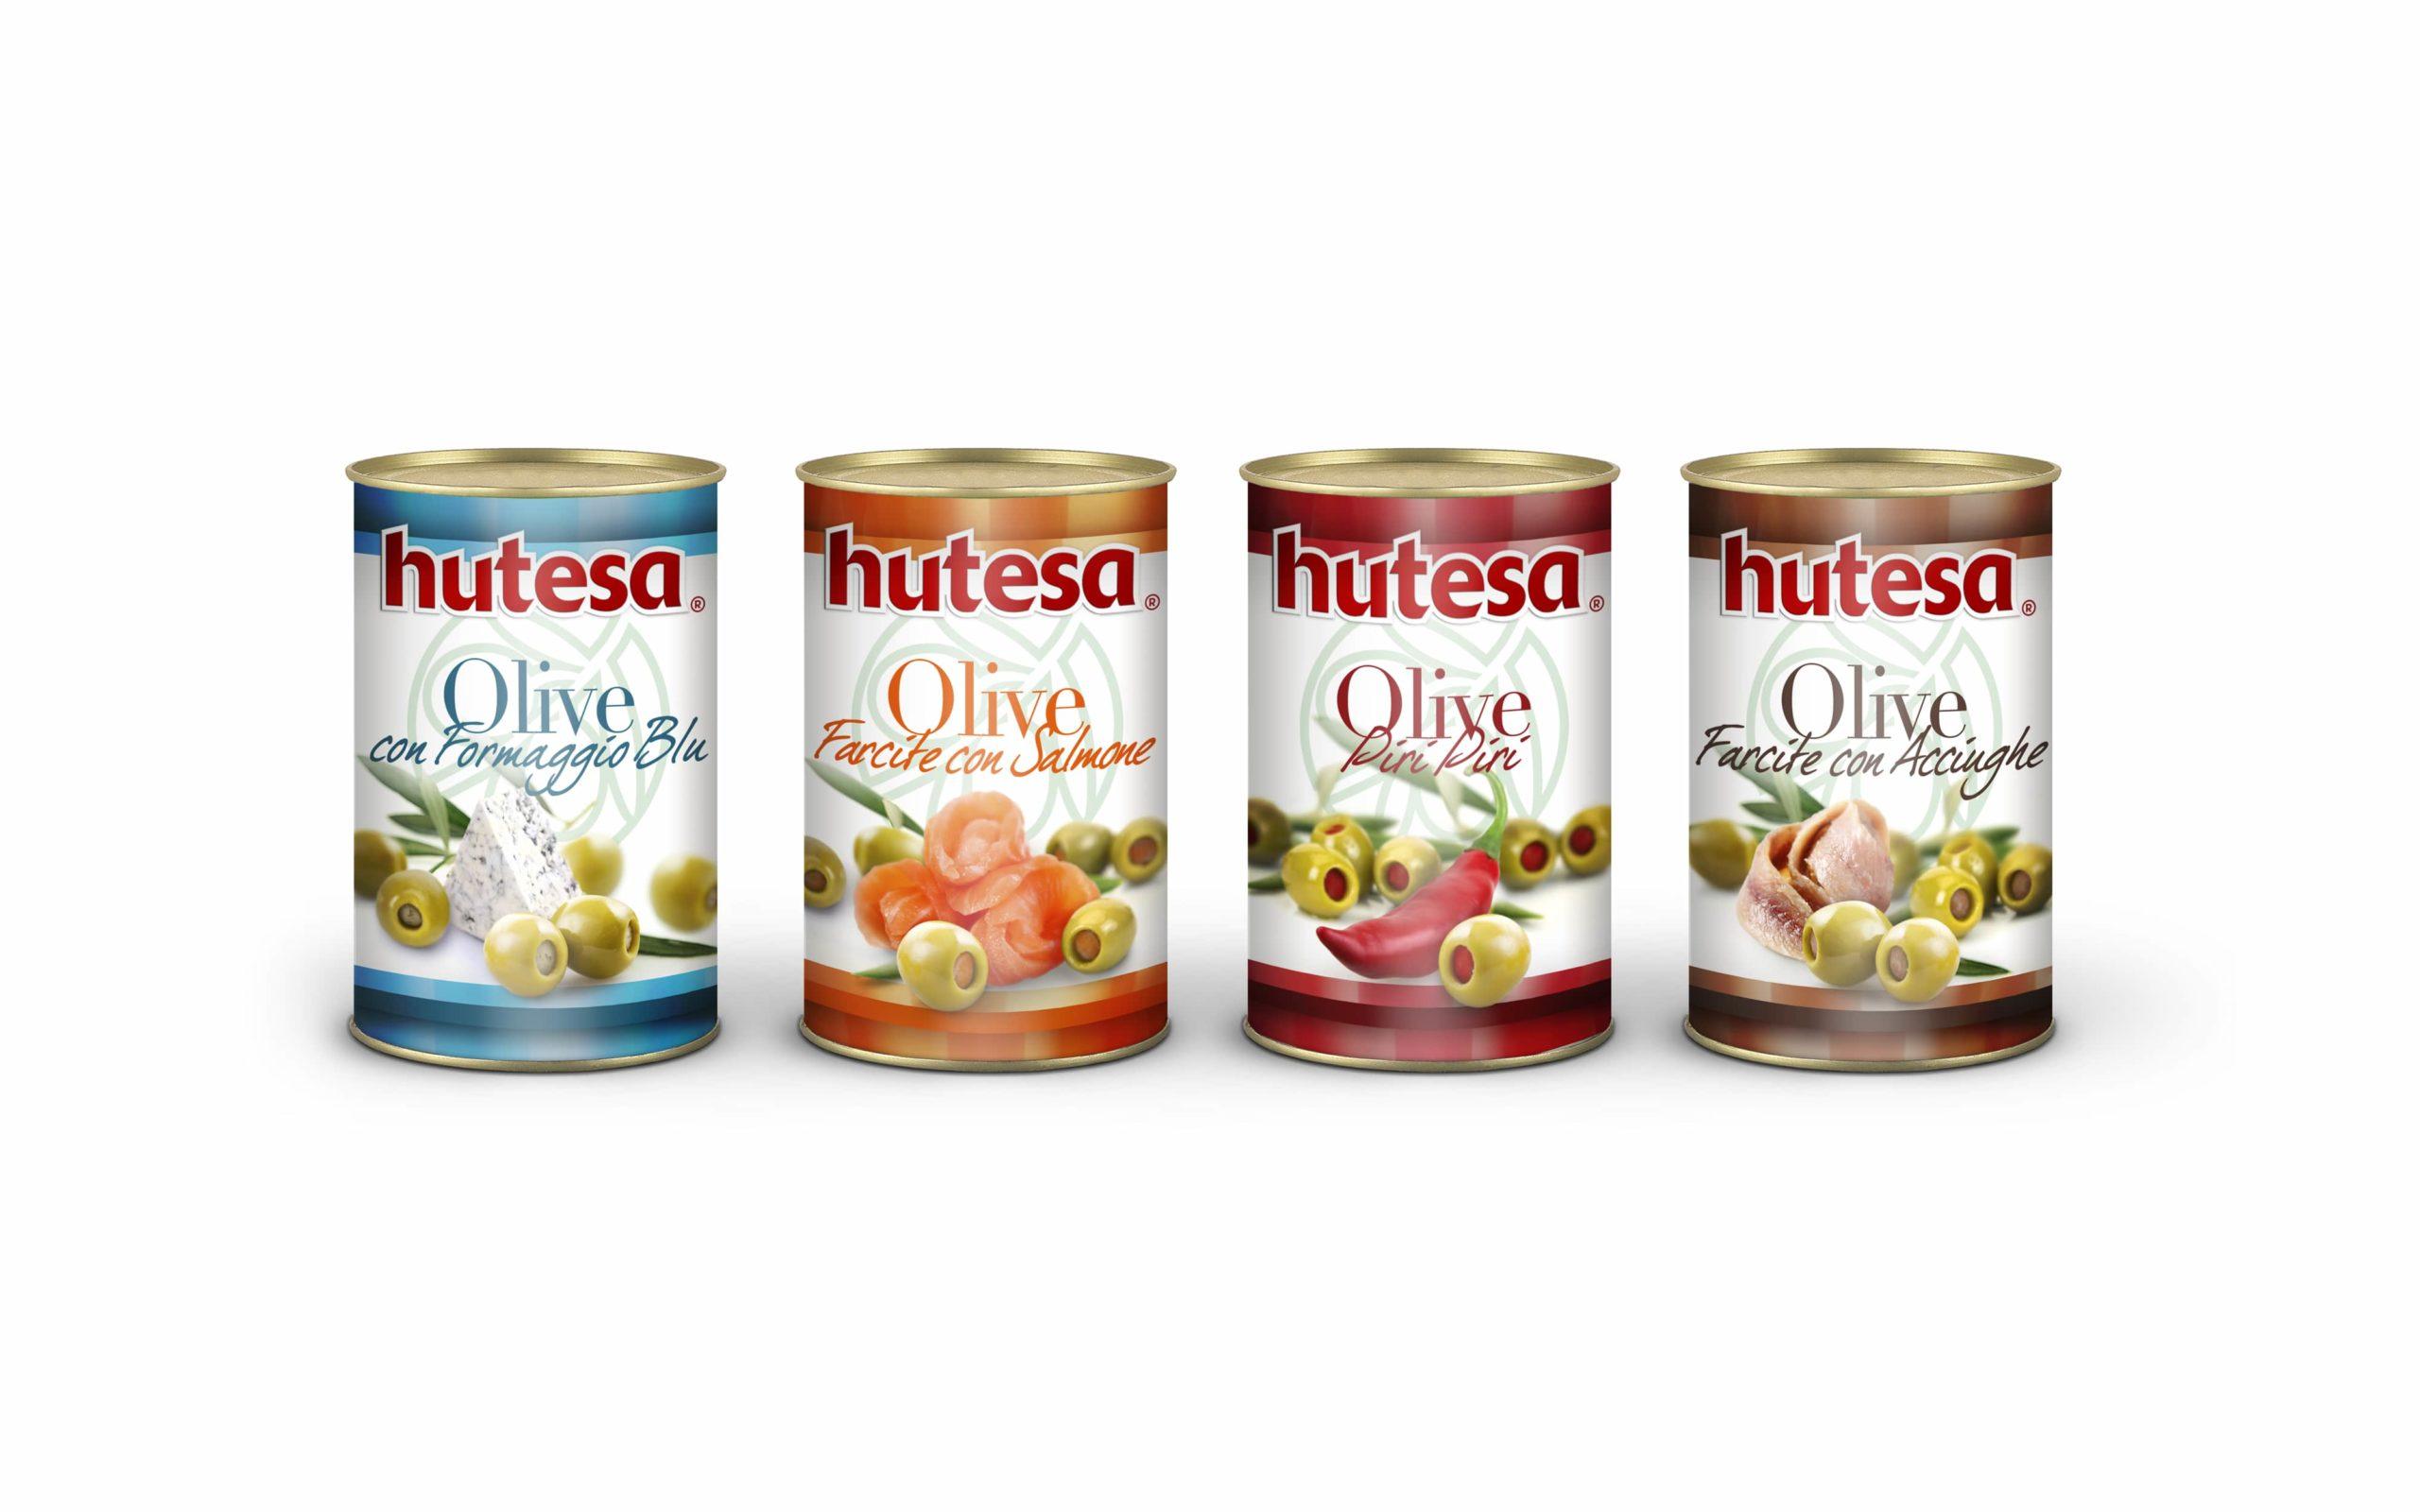 diseno-packaging-hutesa-latas-min